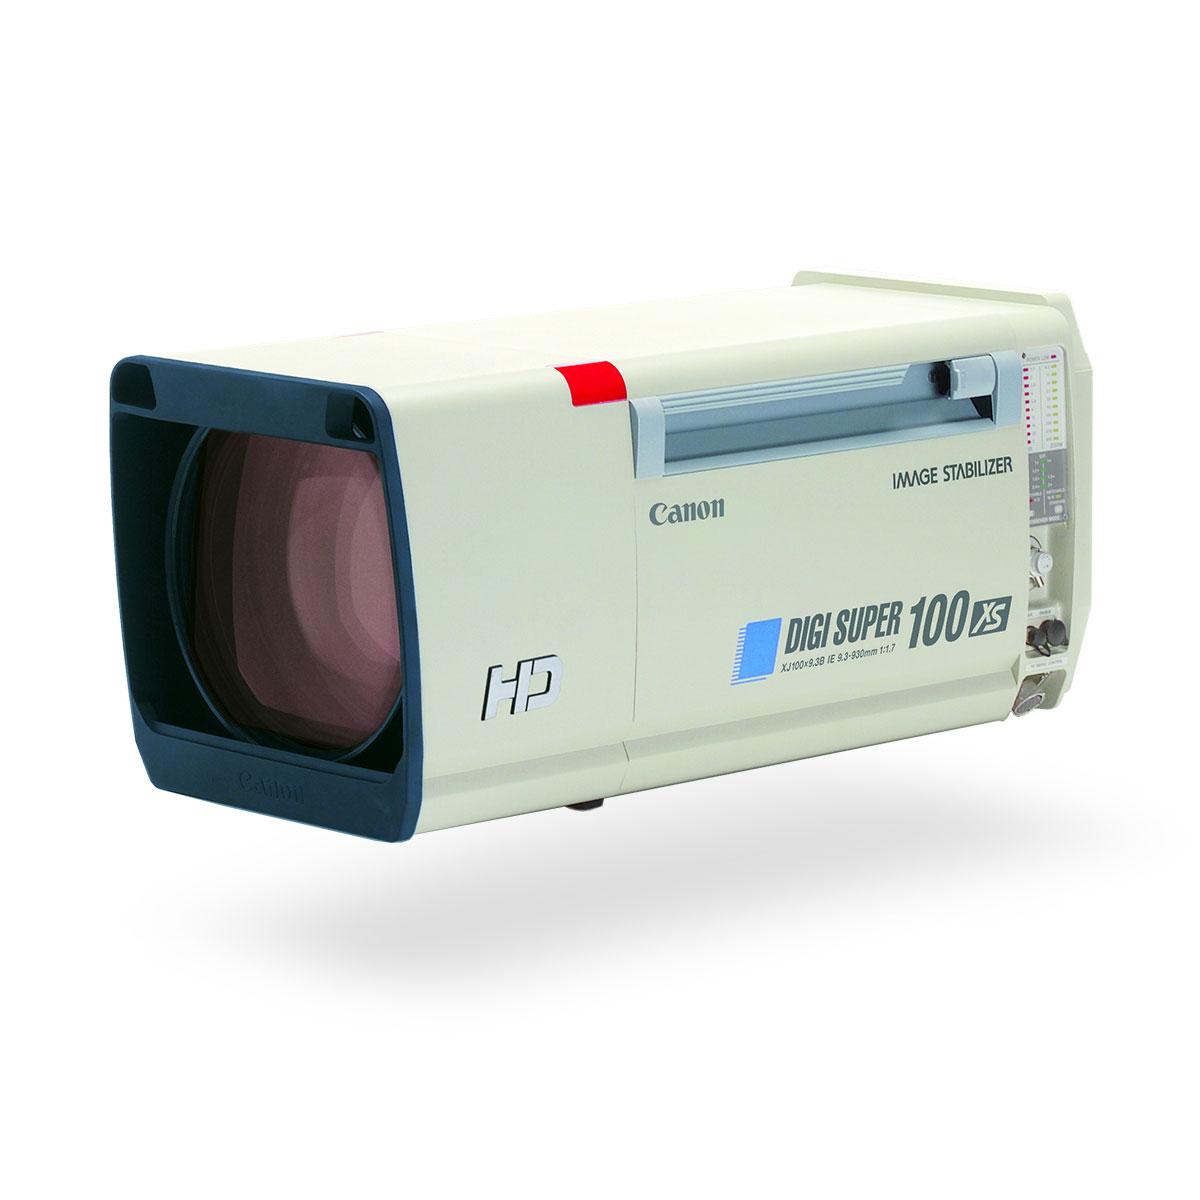 DIGI SUPER 100 xs   Canon New Zealand